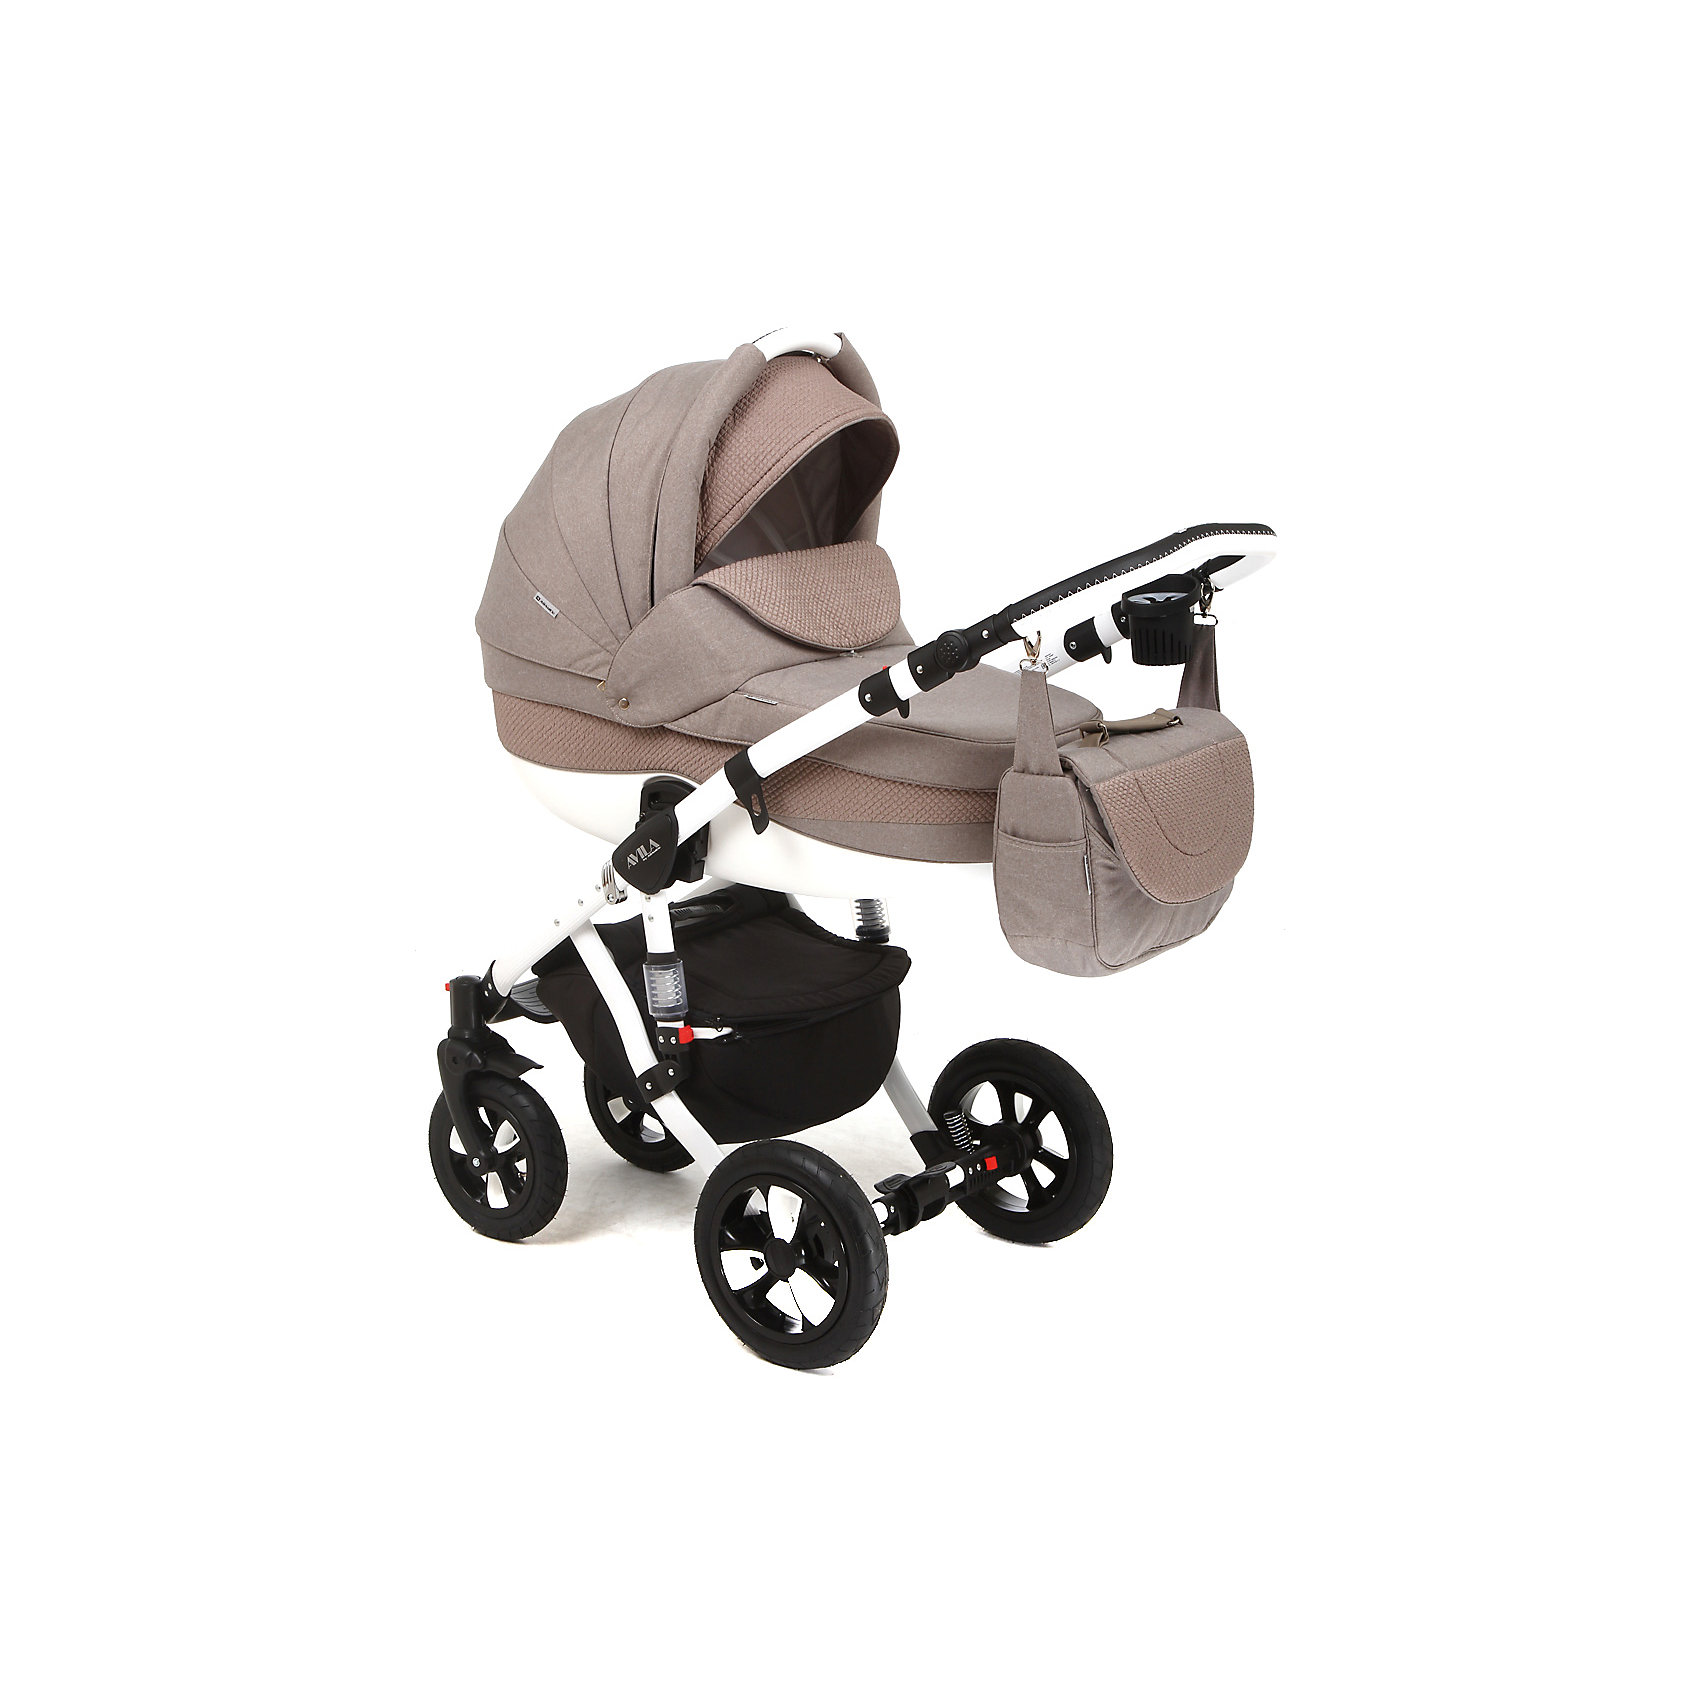 Коляска 2 в 1 Barletta, Adamex, бежевыйСтильная коляска выполнена в современном и удобном дизайне. Прочная и удобная коляска позволит перевозить ребенка, не беспокоясь при этом о его безопасности. Приятный цвет коляски практичен и универсален. За счет продуманной формы колес и амортизации коляска отлично будет ехать как по не ровной дороге, так и по снегу. Коляска легкая и прочная.<br>На коляске - колеса разного размера, поэтому конструкция - очень устойчивая. Модель дополнена 5-точечными ремнями безопасности. Изделие произведено из качественных и безопасных для малышей материалов, оно соответствуют всем современным требованиям безопасности.<br><br>Дополнительная информация:<br><br>цвет: бежевый;<br>механизм складывания: книжка; <br>тип колес: надувные; <br>пятиточечные ремни безопасности; <br>четыре положения спинки; <br>регулировка положений ручки и подножки; <br>материал рамы: алюминий; <br>съёмный бампер; <br>мягкие накладки на внутренних ремнях безопасности; <br>передние колеса поворотные с возможностью фиксации; <br>система амортизации - пружины;<br>вес: 15.4 кг; <br>размер коляски: 106х124х60 см. <br><br>Коляска 2 в 1 Barletta, бежевый от компании Adamex можно купить в нашем магазине.<br><br>Ширина мм: 970<br>Глубина мм: 600<br>Высота мм: 660<br>Вес г: 20700<br>Возраст от месяцев: 0<br>Возраст до месяцев: 36<br>Пол: Унисекс<br>Возраст: Детский<br>SKU: 4778503